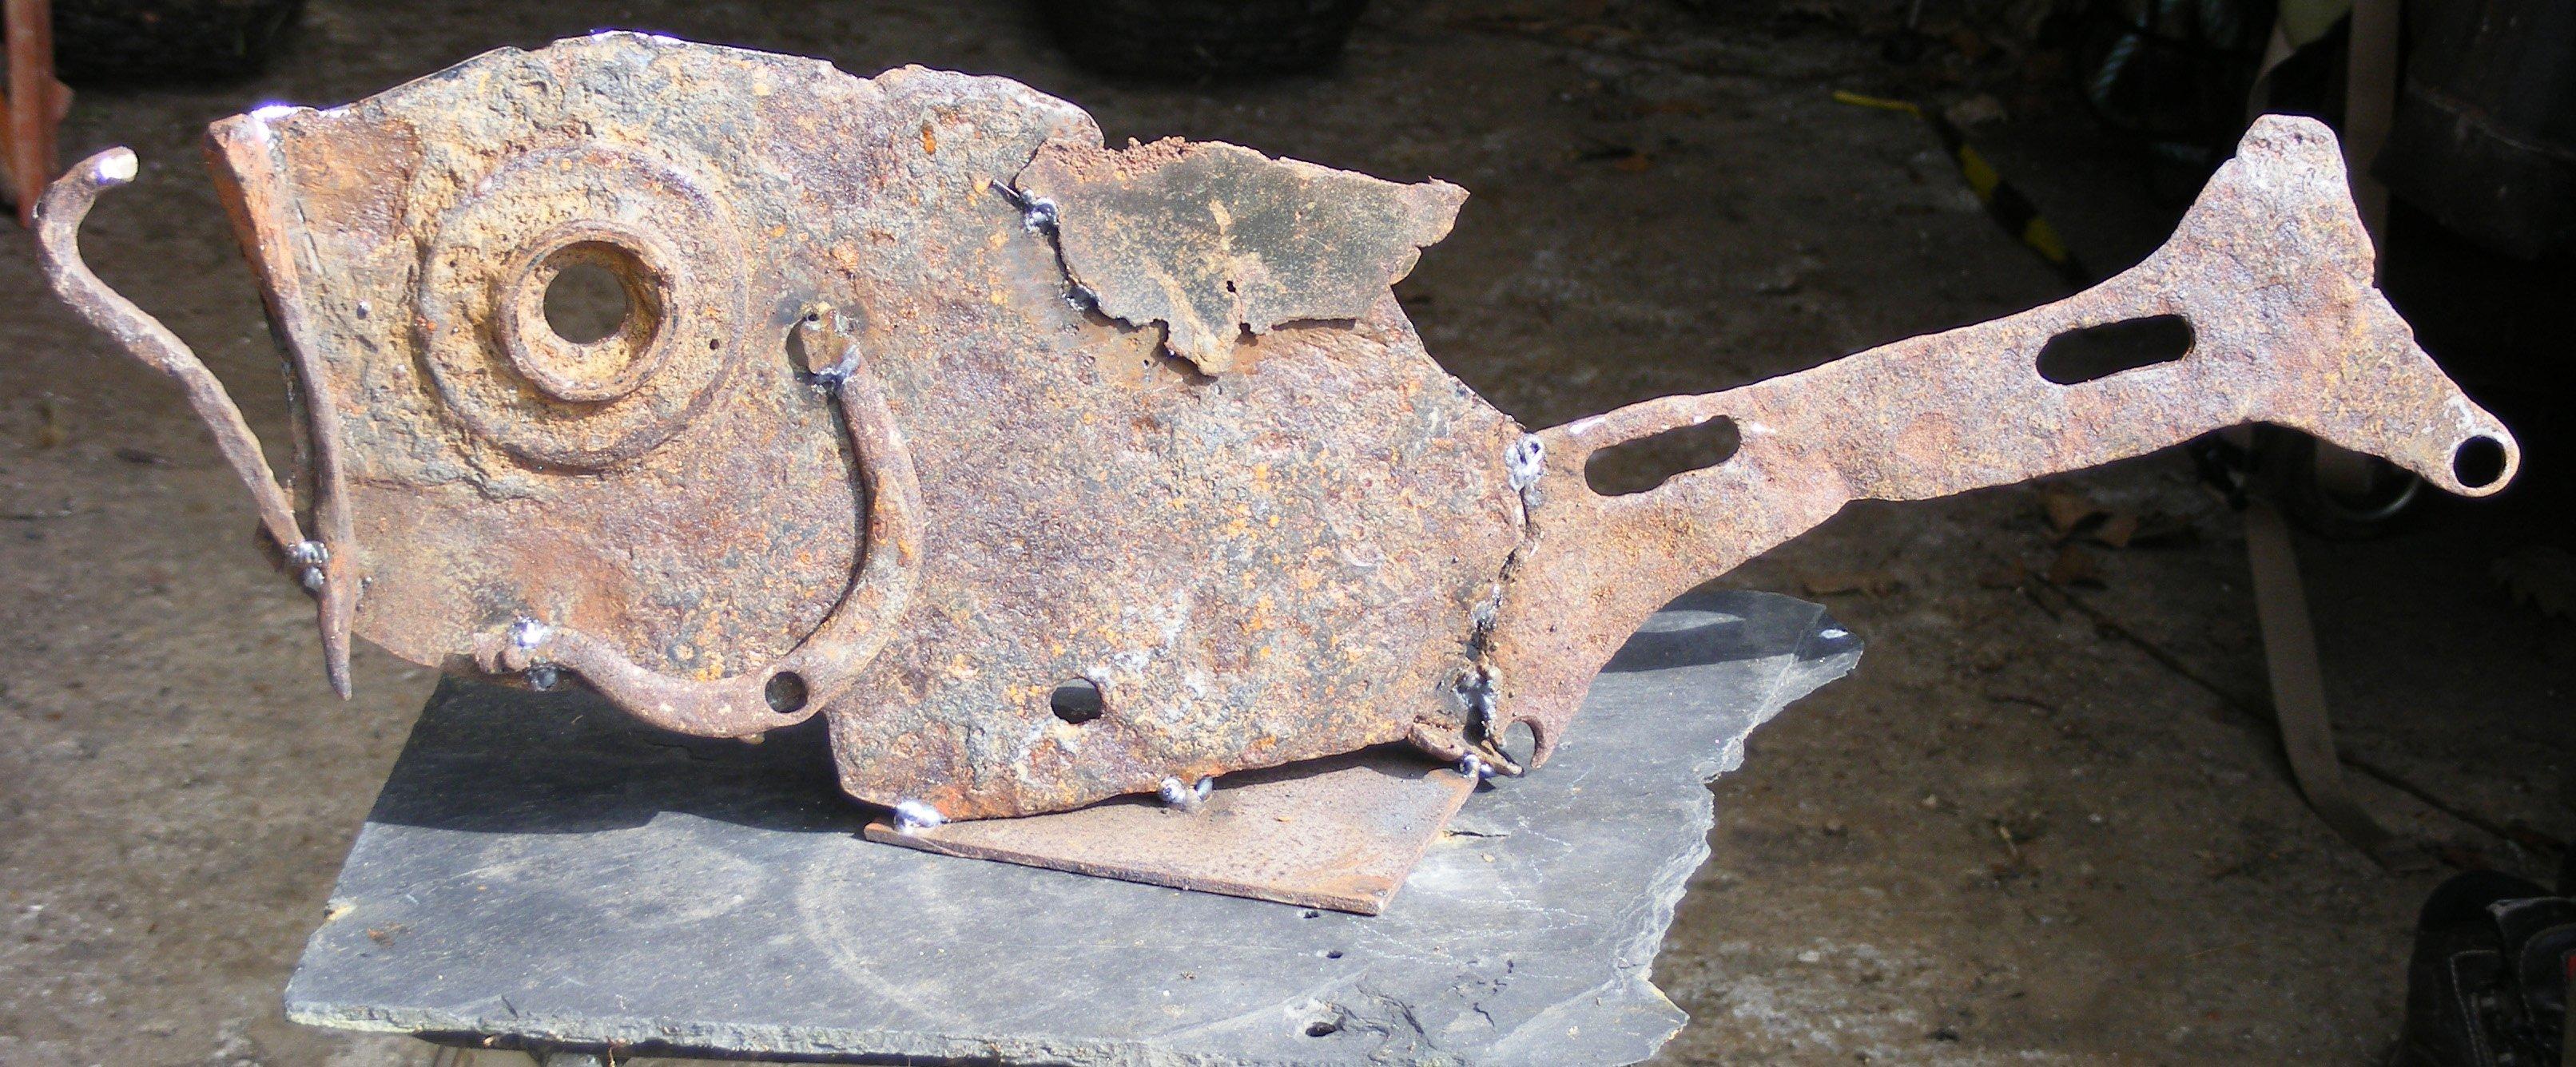 Detritus Fish